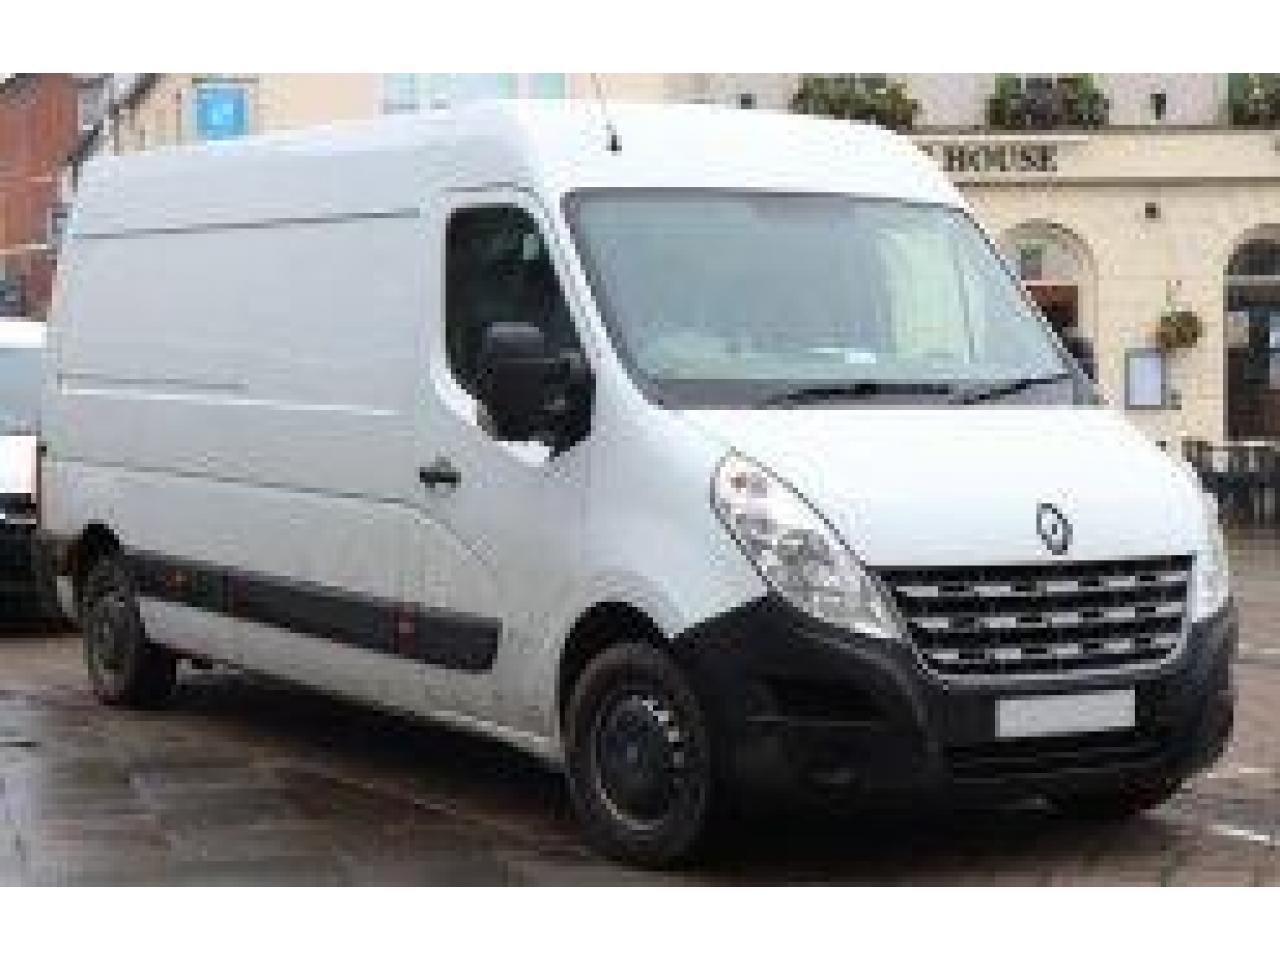 Требуется водитель Luton van в Ashford, Kent в компанию по переезду - 1